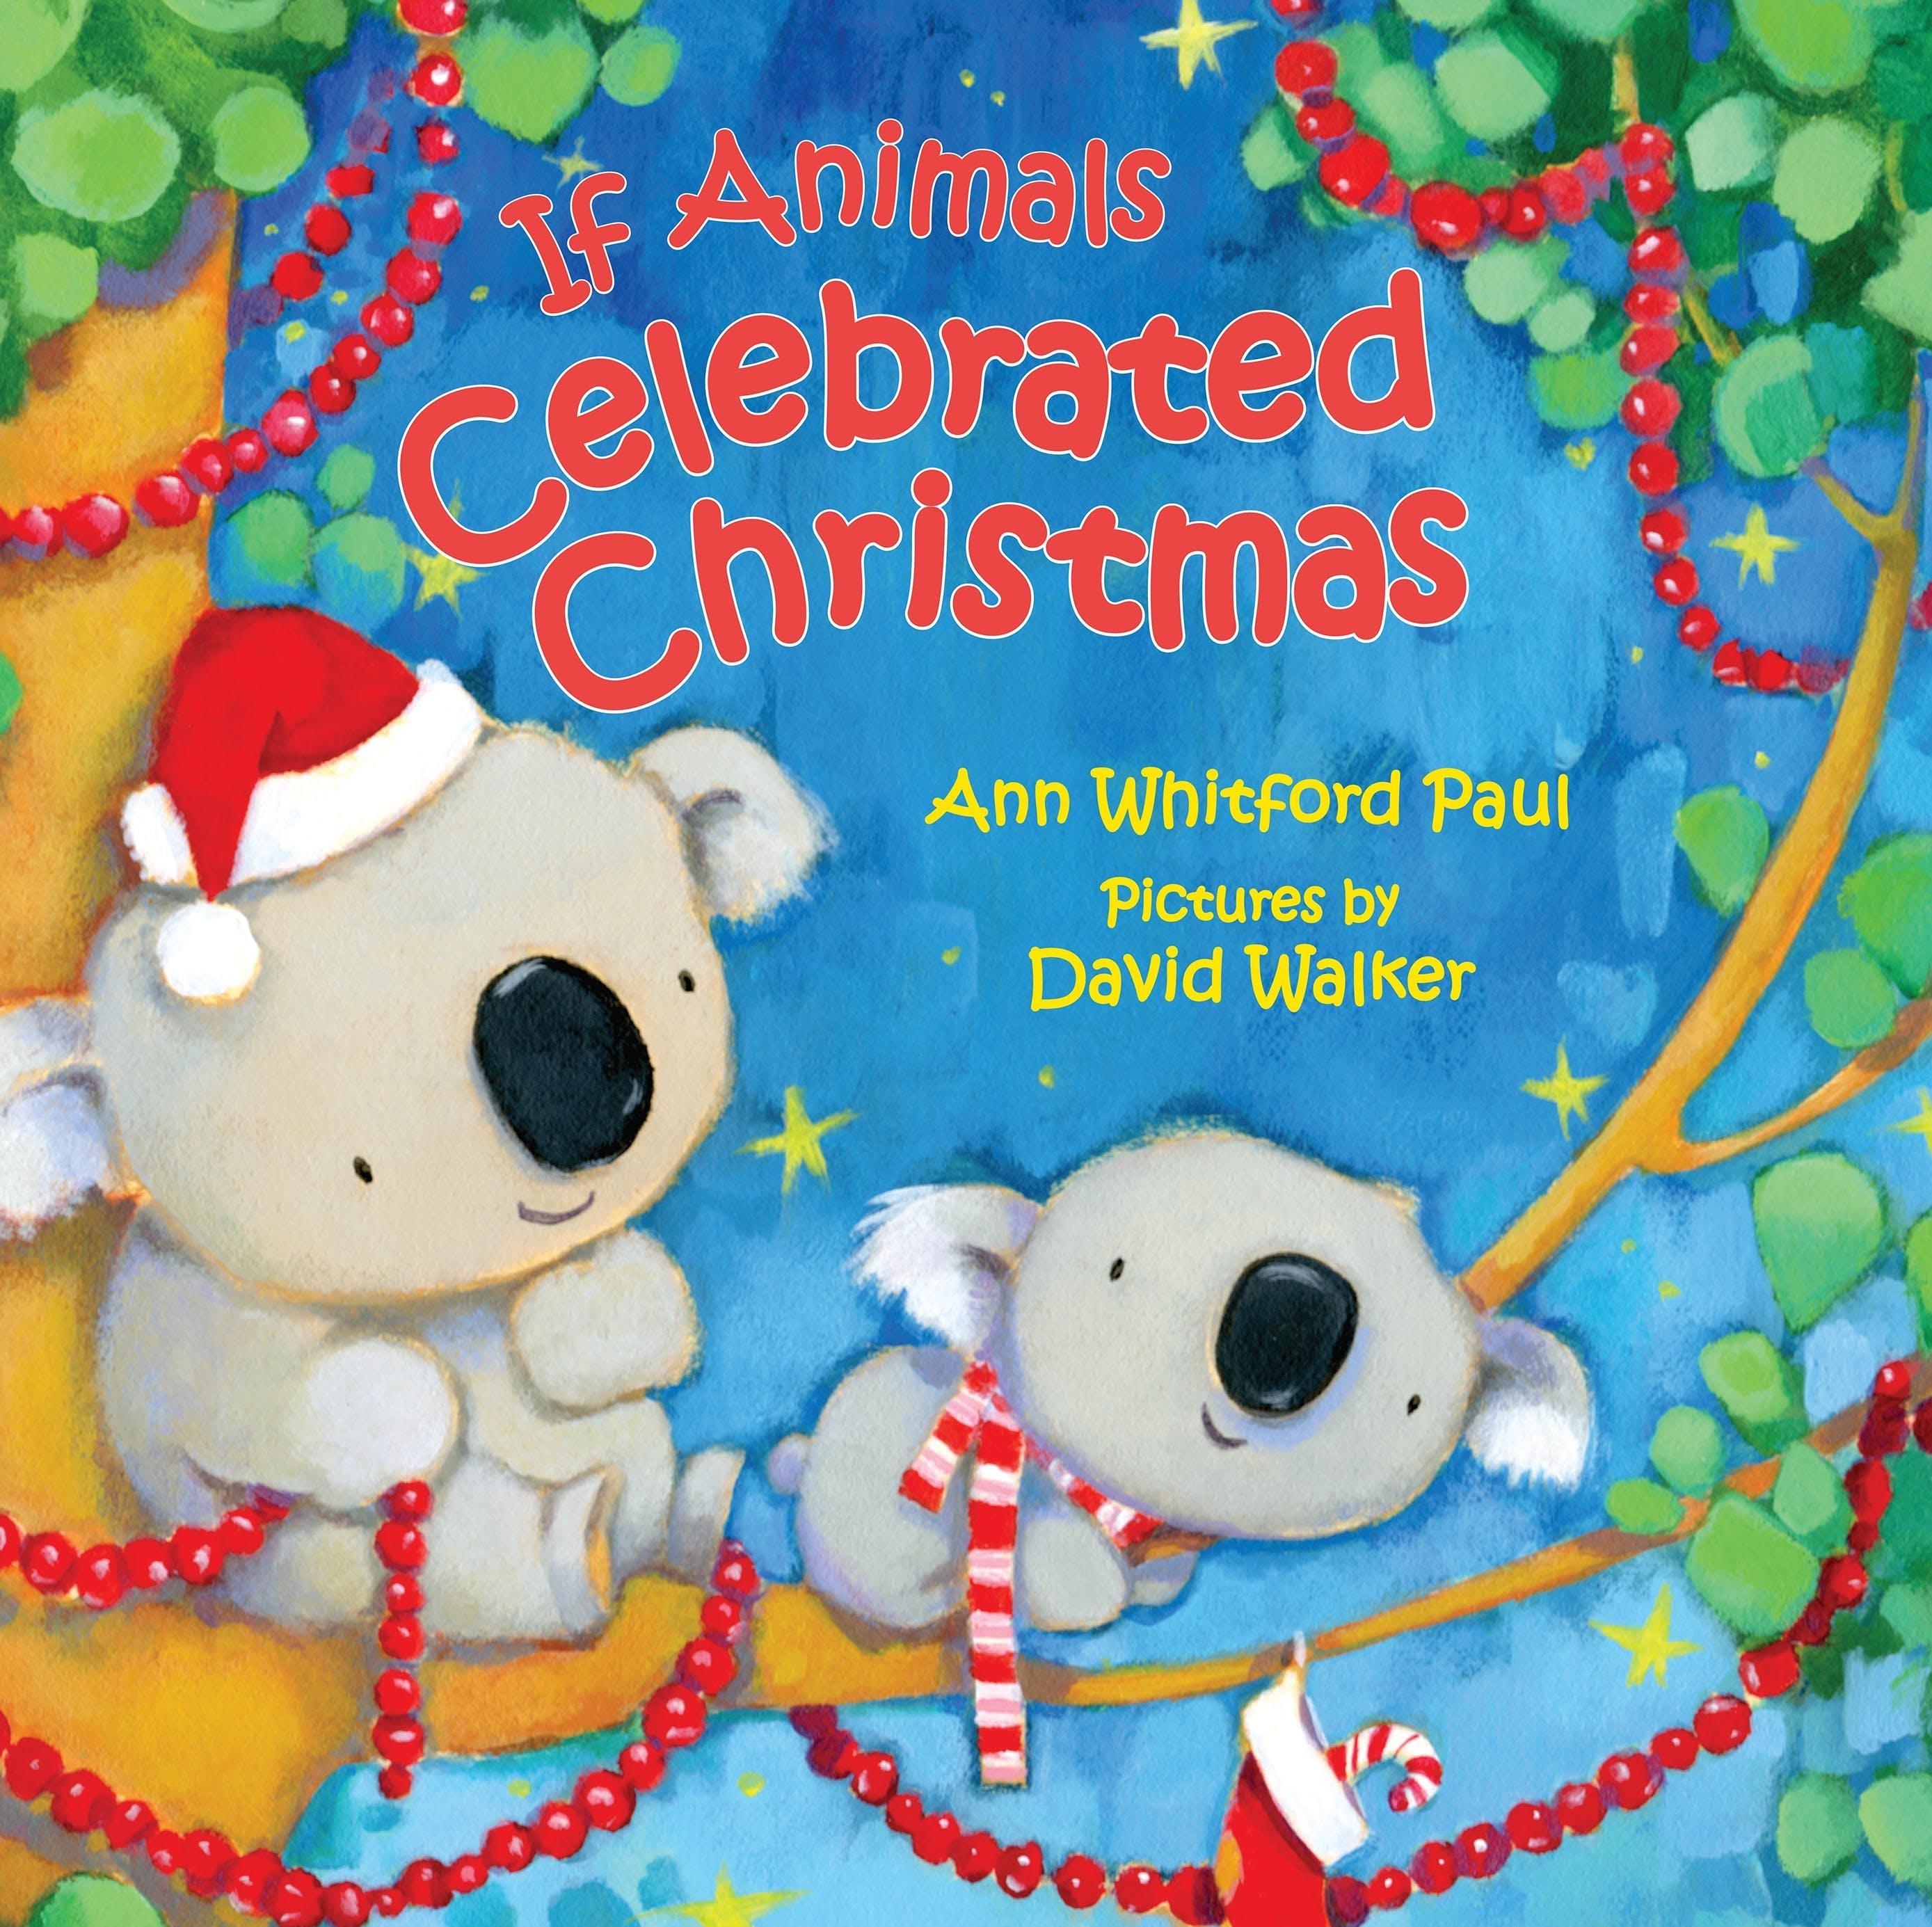 Image of If Animals Celebrated Christmas